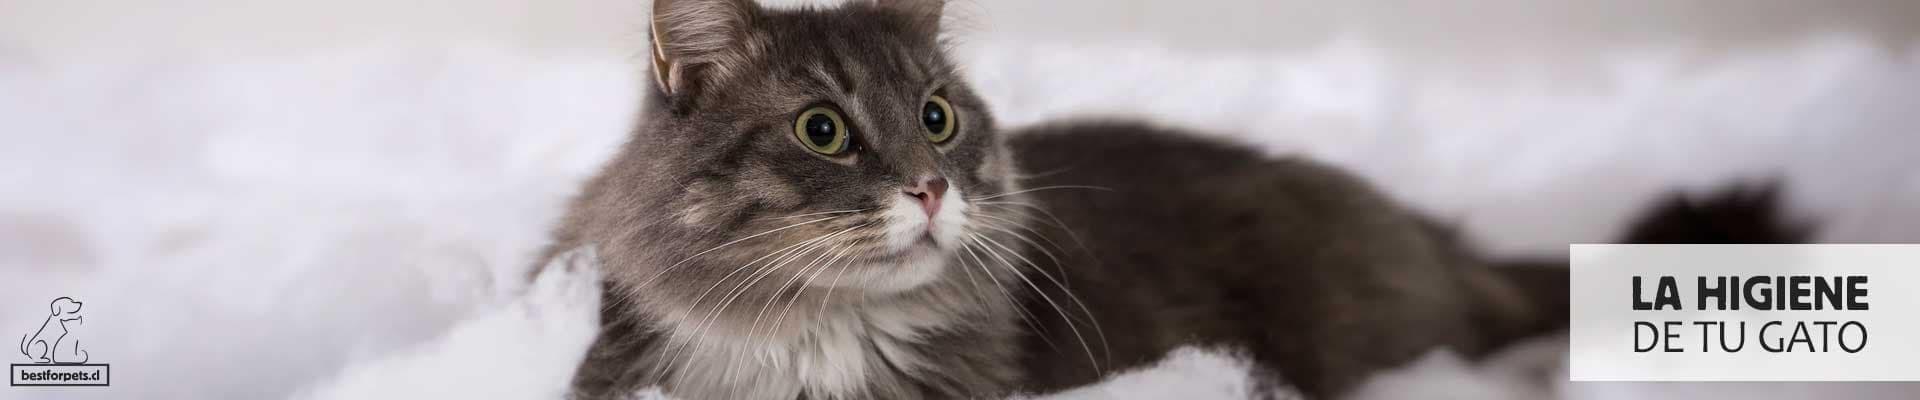 te ayudamos con la higiene de tu gato